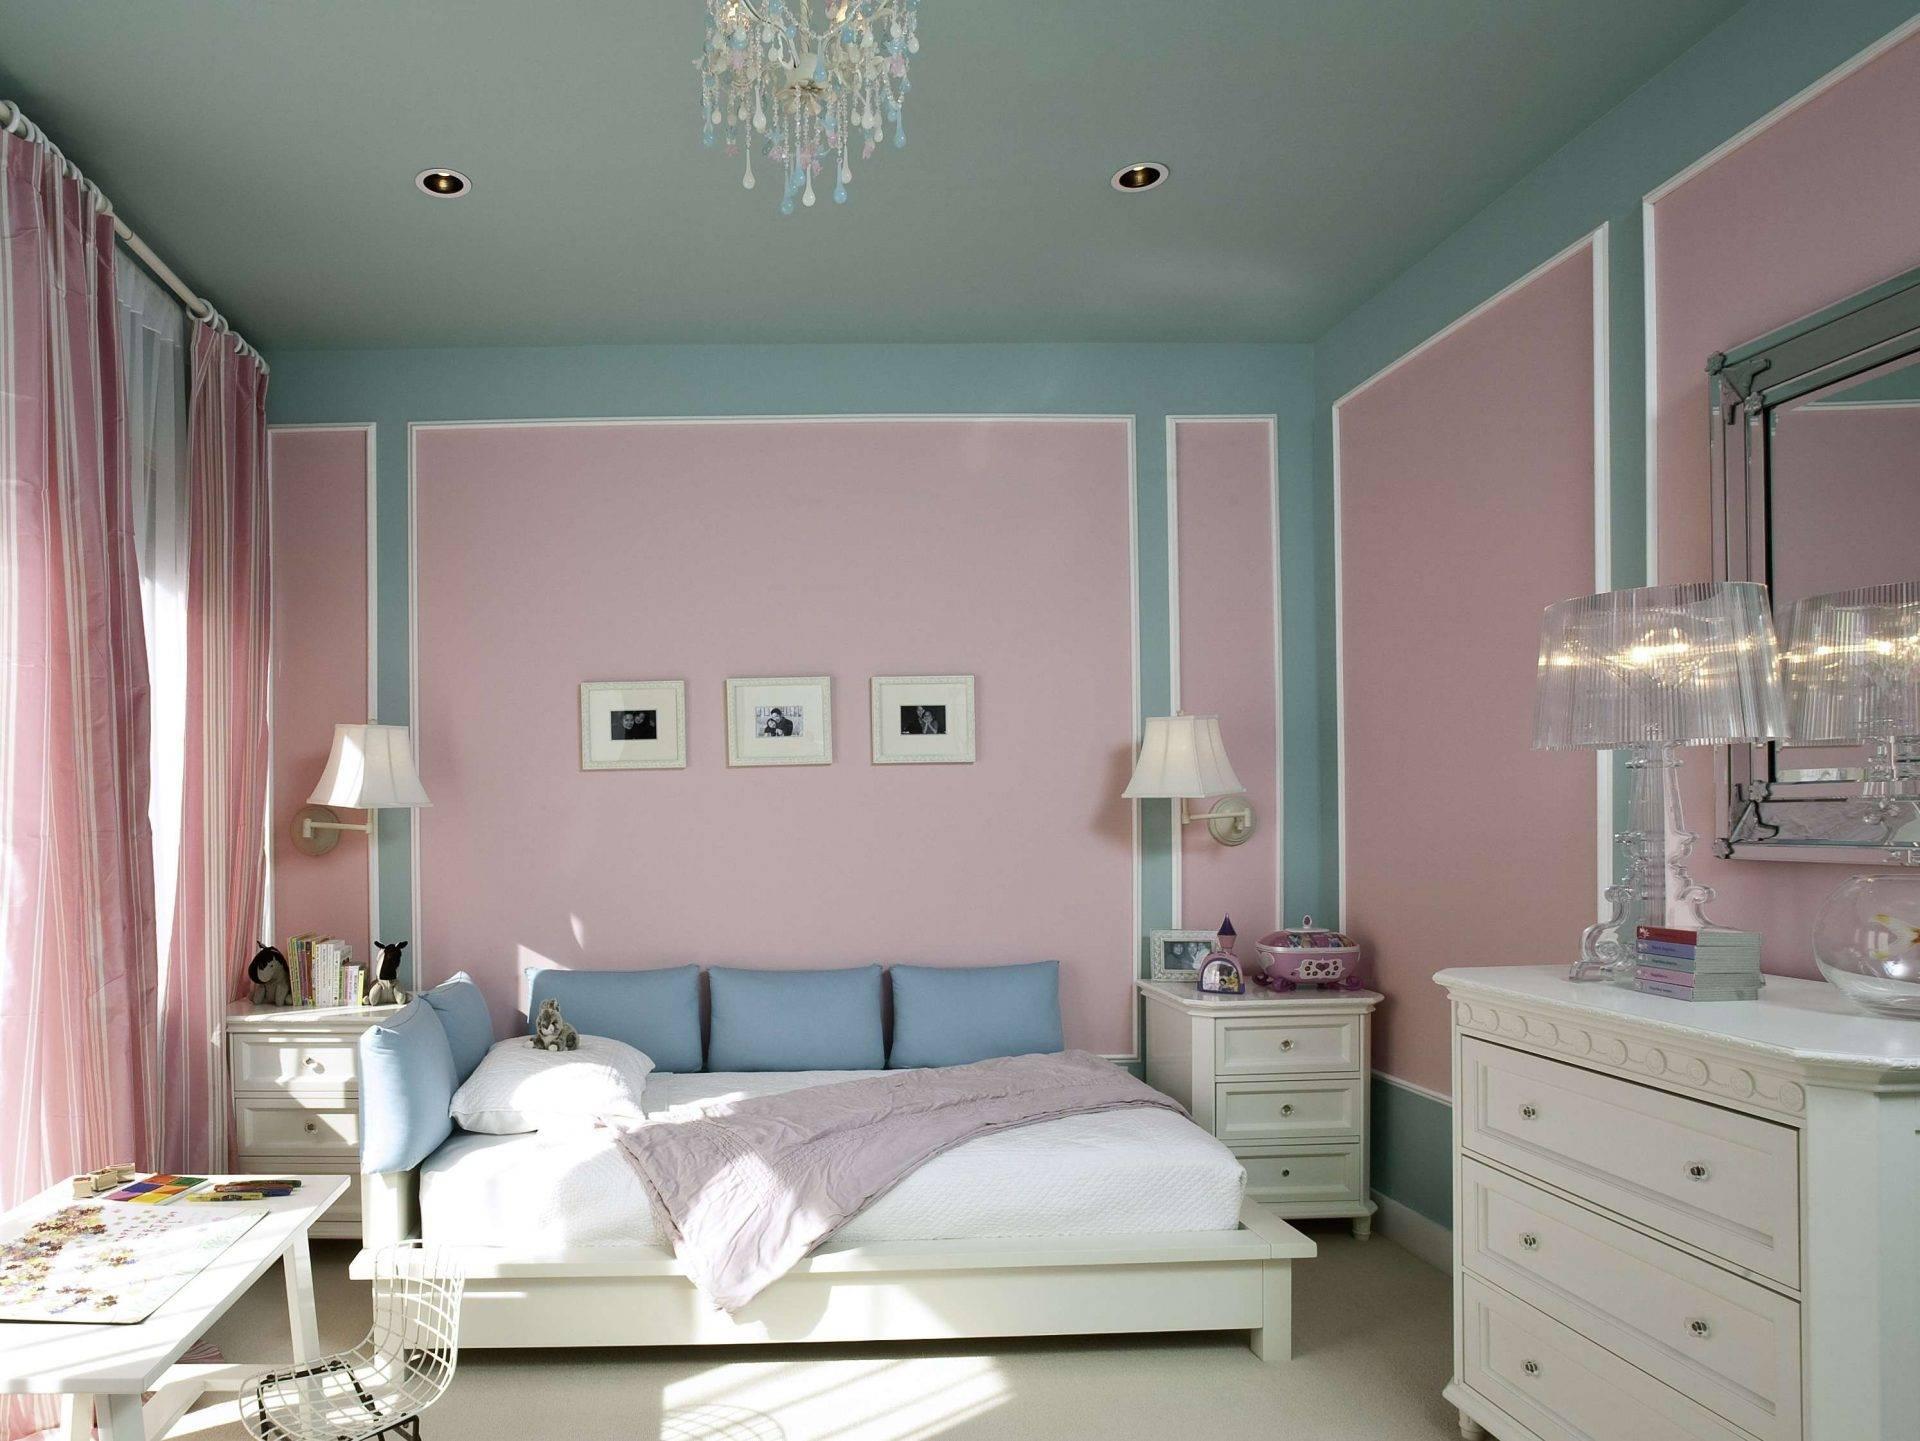 Бежевая спальня (109 фото): дизайн интерьера в бежево-коричневых тонах, с золотыми, синими, голубыми и шоколадными акцентами